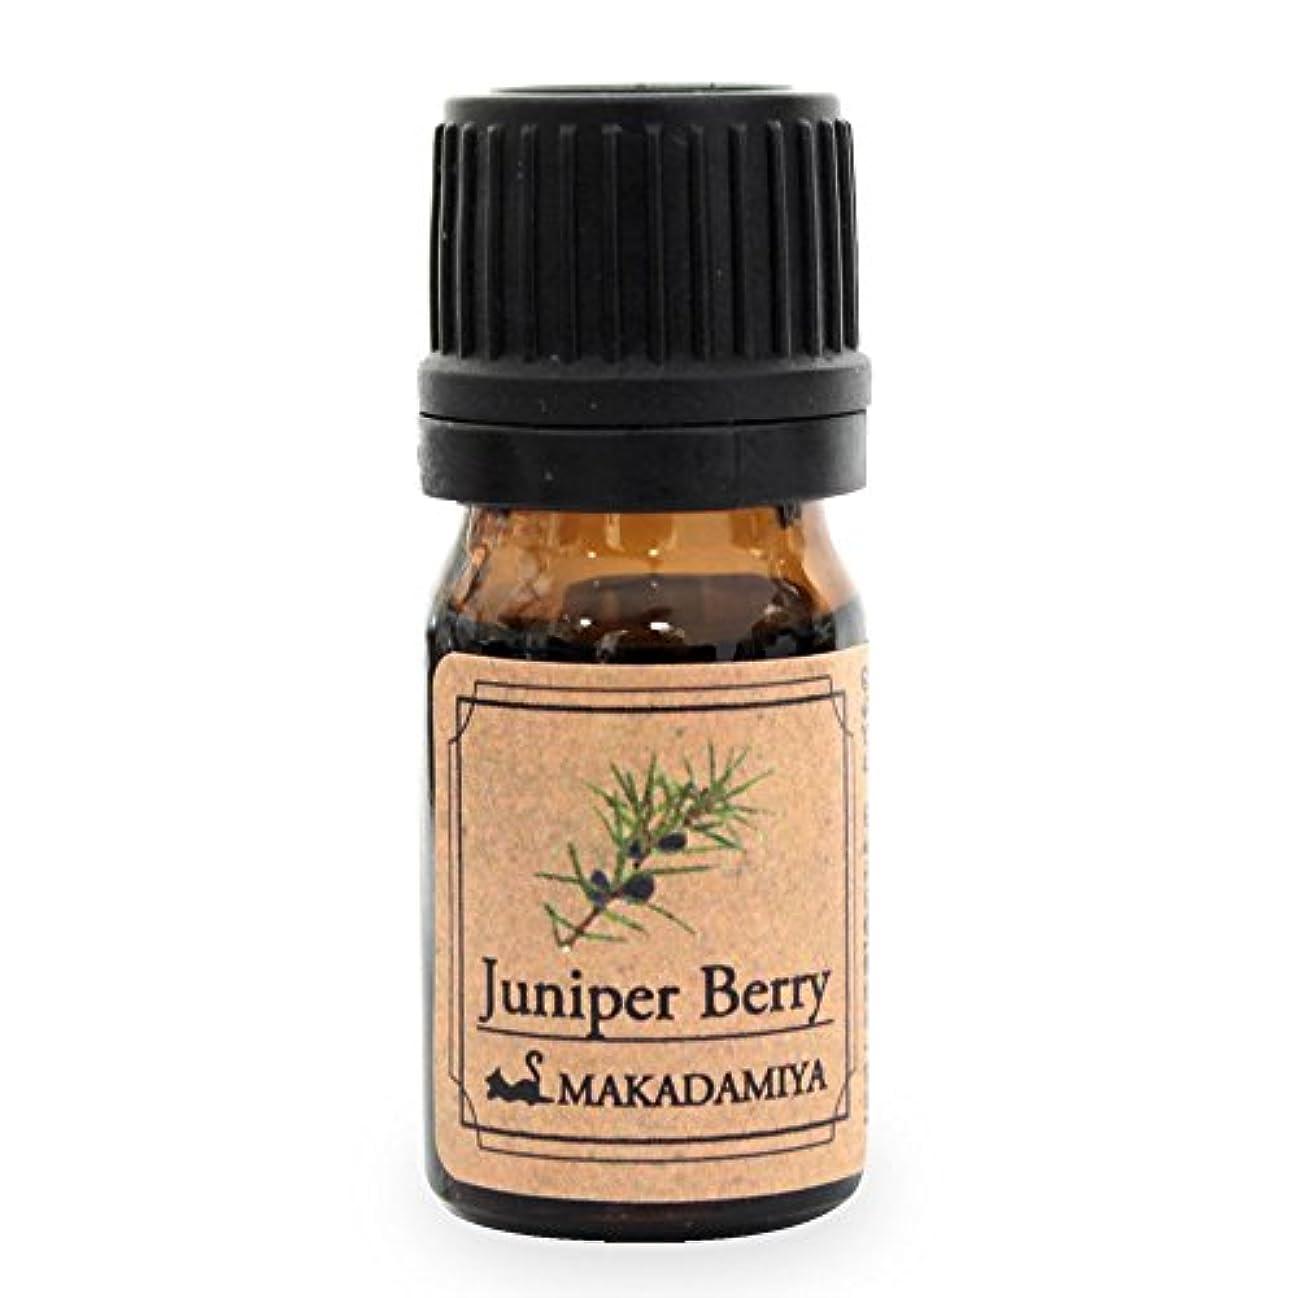 バーベキュー農夫グリーンバックジュニパーベリー5ml 天然100%植物性 エッセンシャルオイル(精油) アロマオイル アロママッサージ aroma Junipe Berry